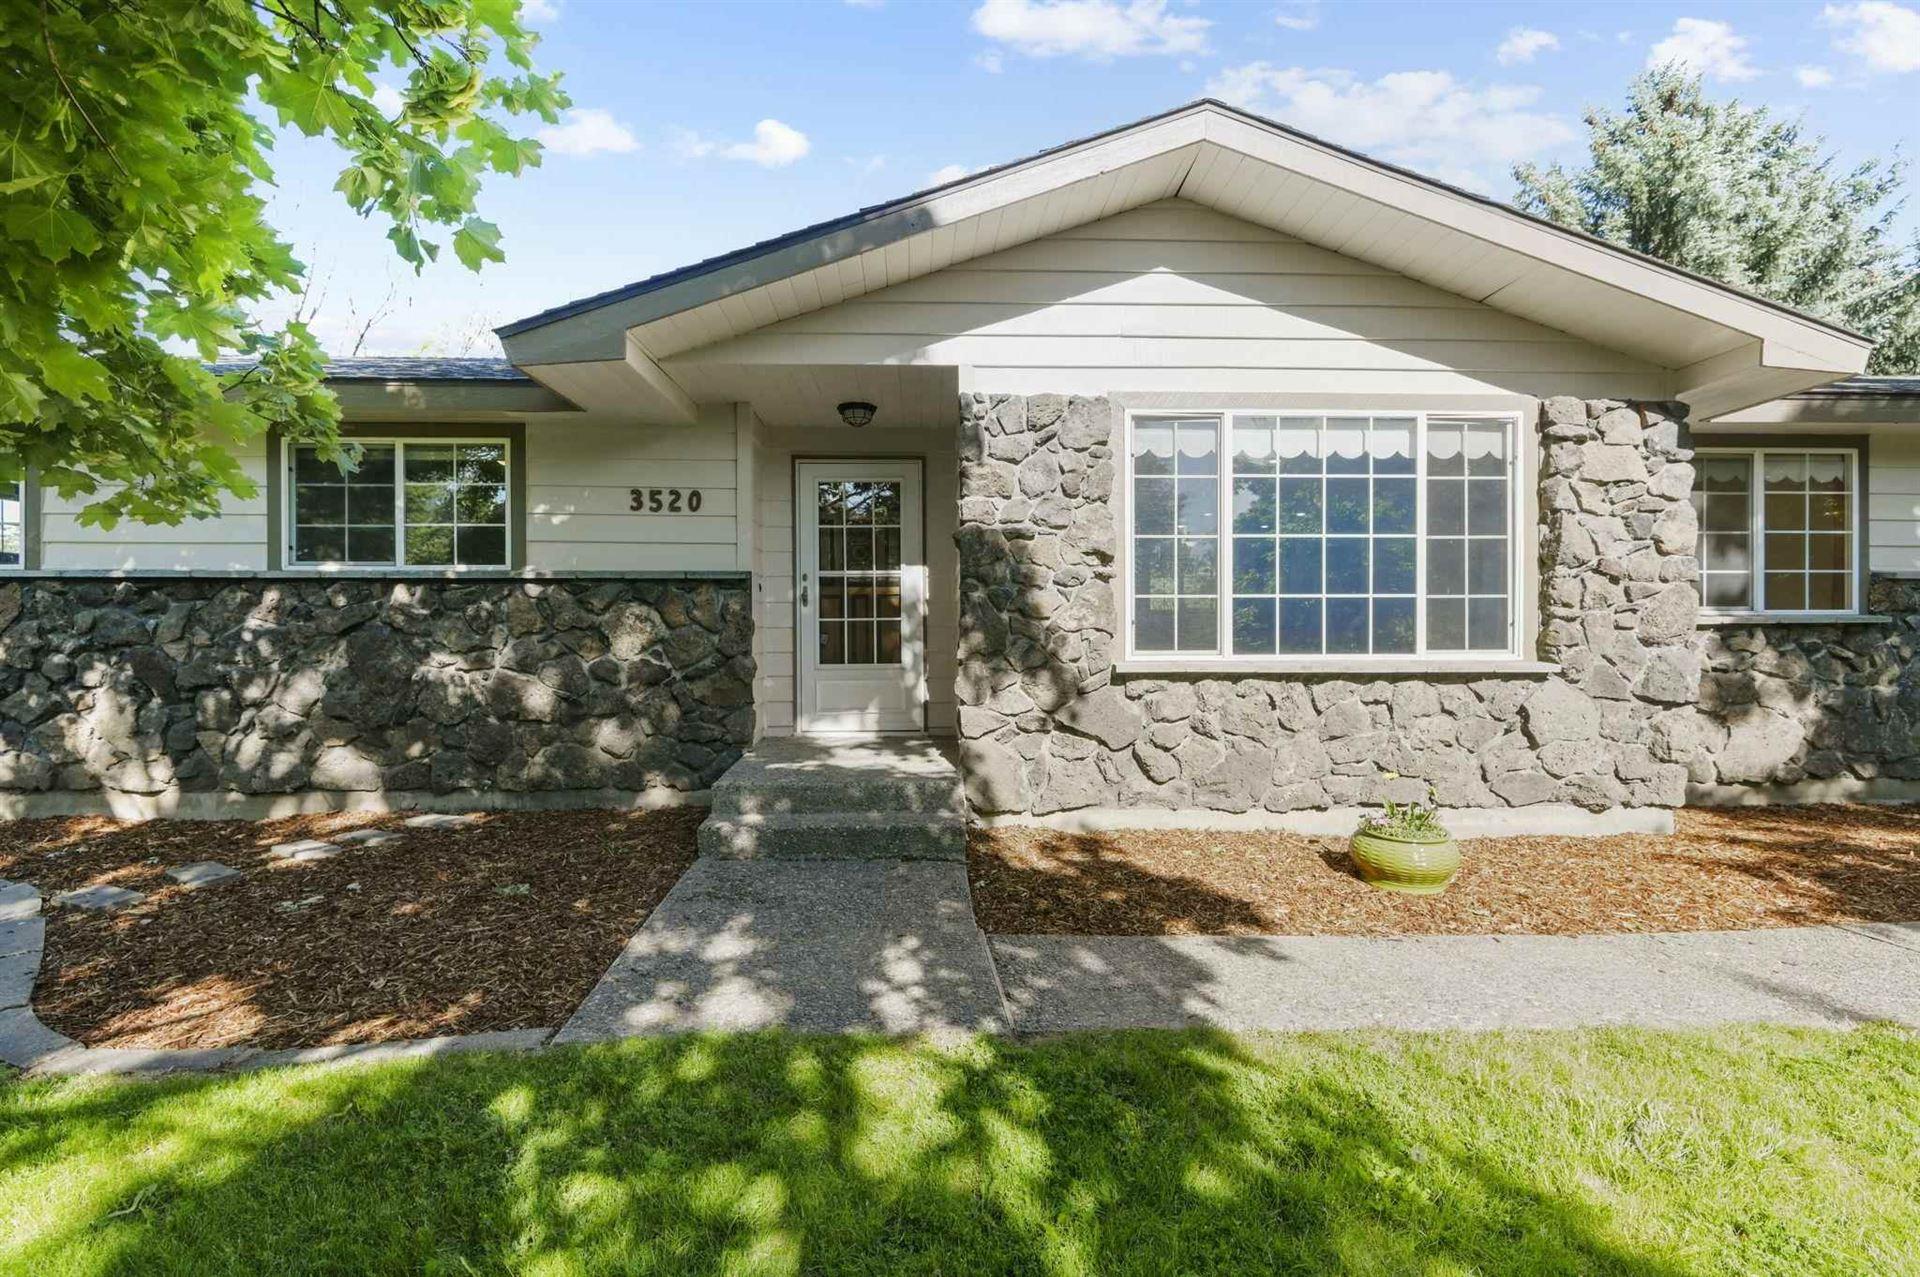 3520 N Stevenson Rd, Otis Orchards, WA 99027 - #: 202116635